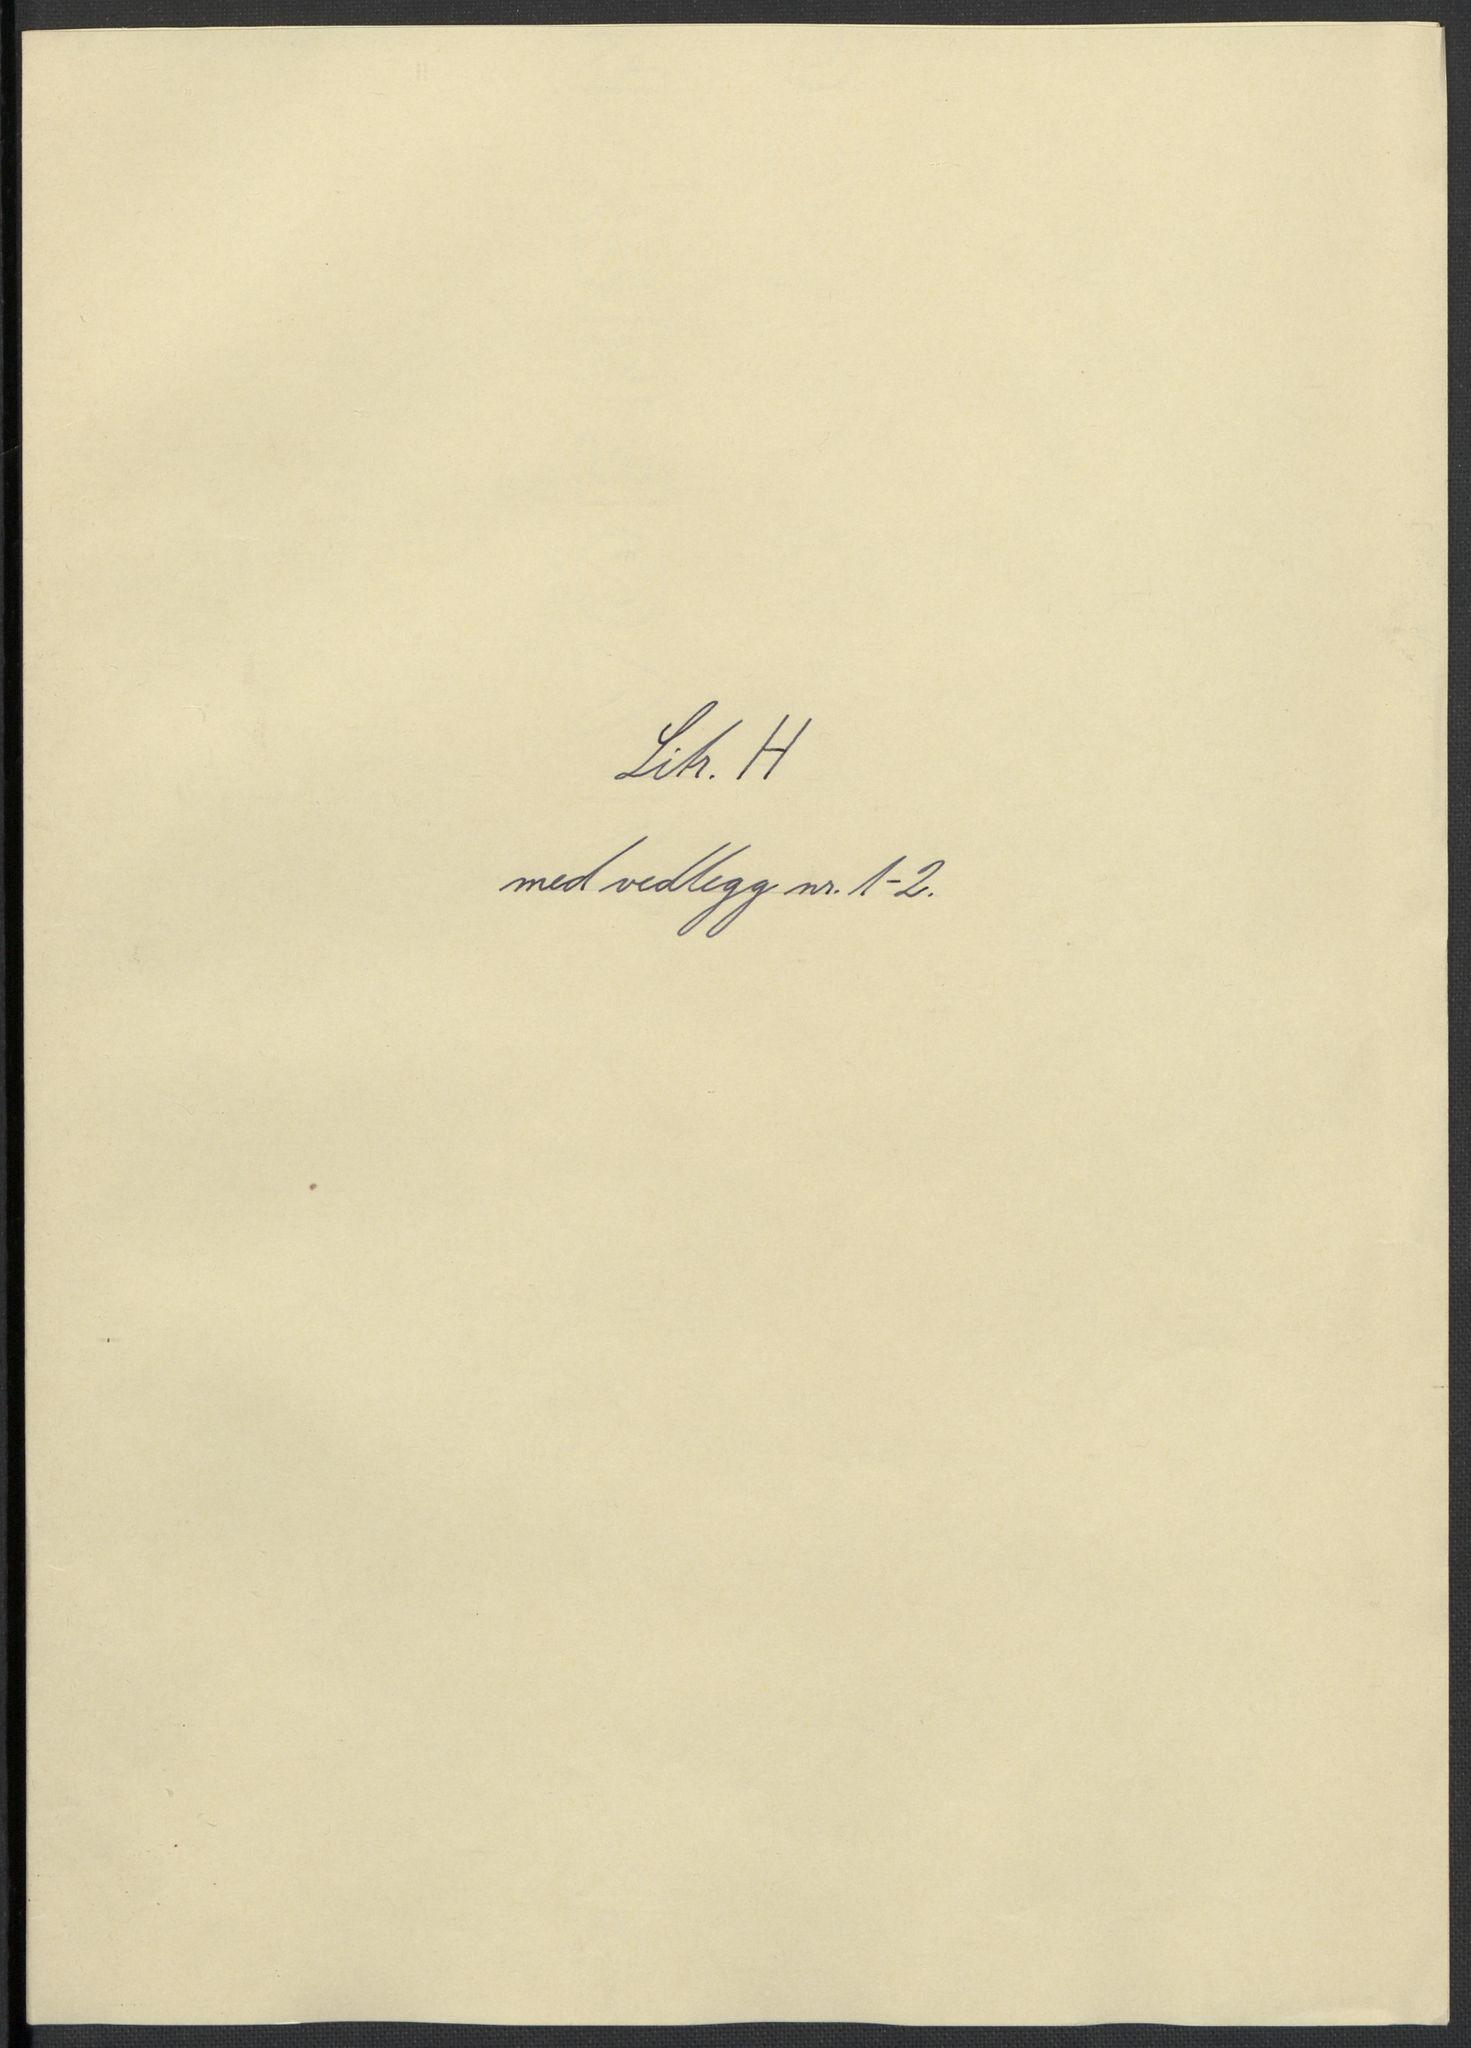 RA, Rentekammeret inntil 1814, Reviderte regnskaper, Fogderegnskap, R59/L3940: Fogderegnskap Gauldal, 1689-1690, s. 290